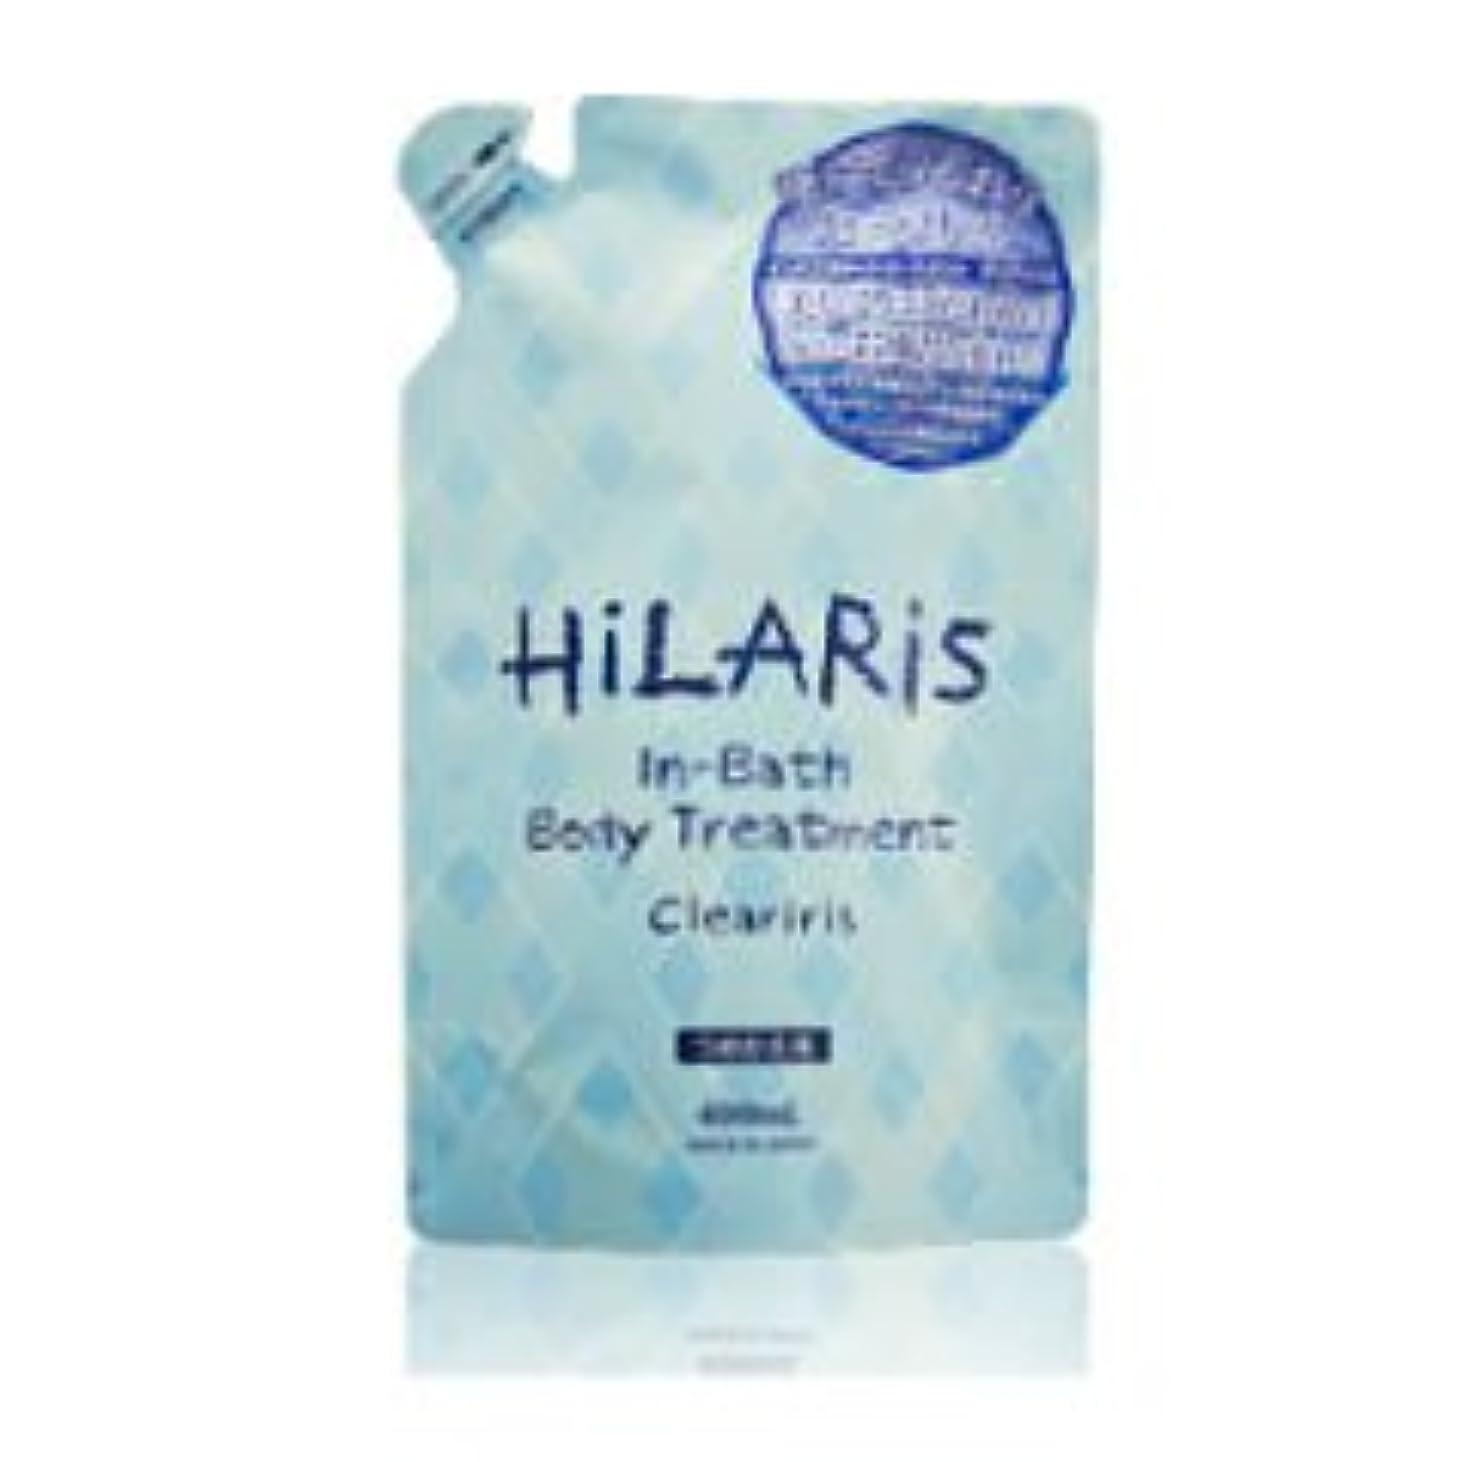 静脈包括的波紋ヒラリス(HiLARiS)クリアイリスインバスボディトリートメント詰替